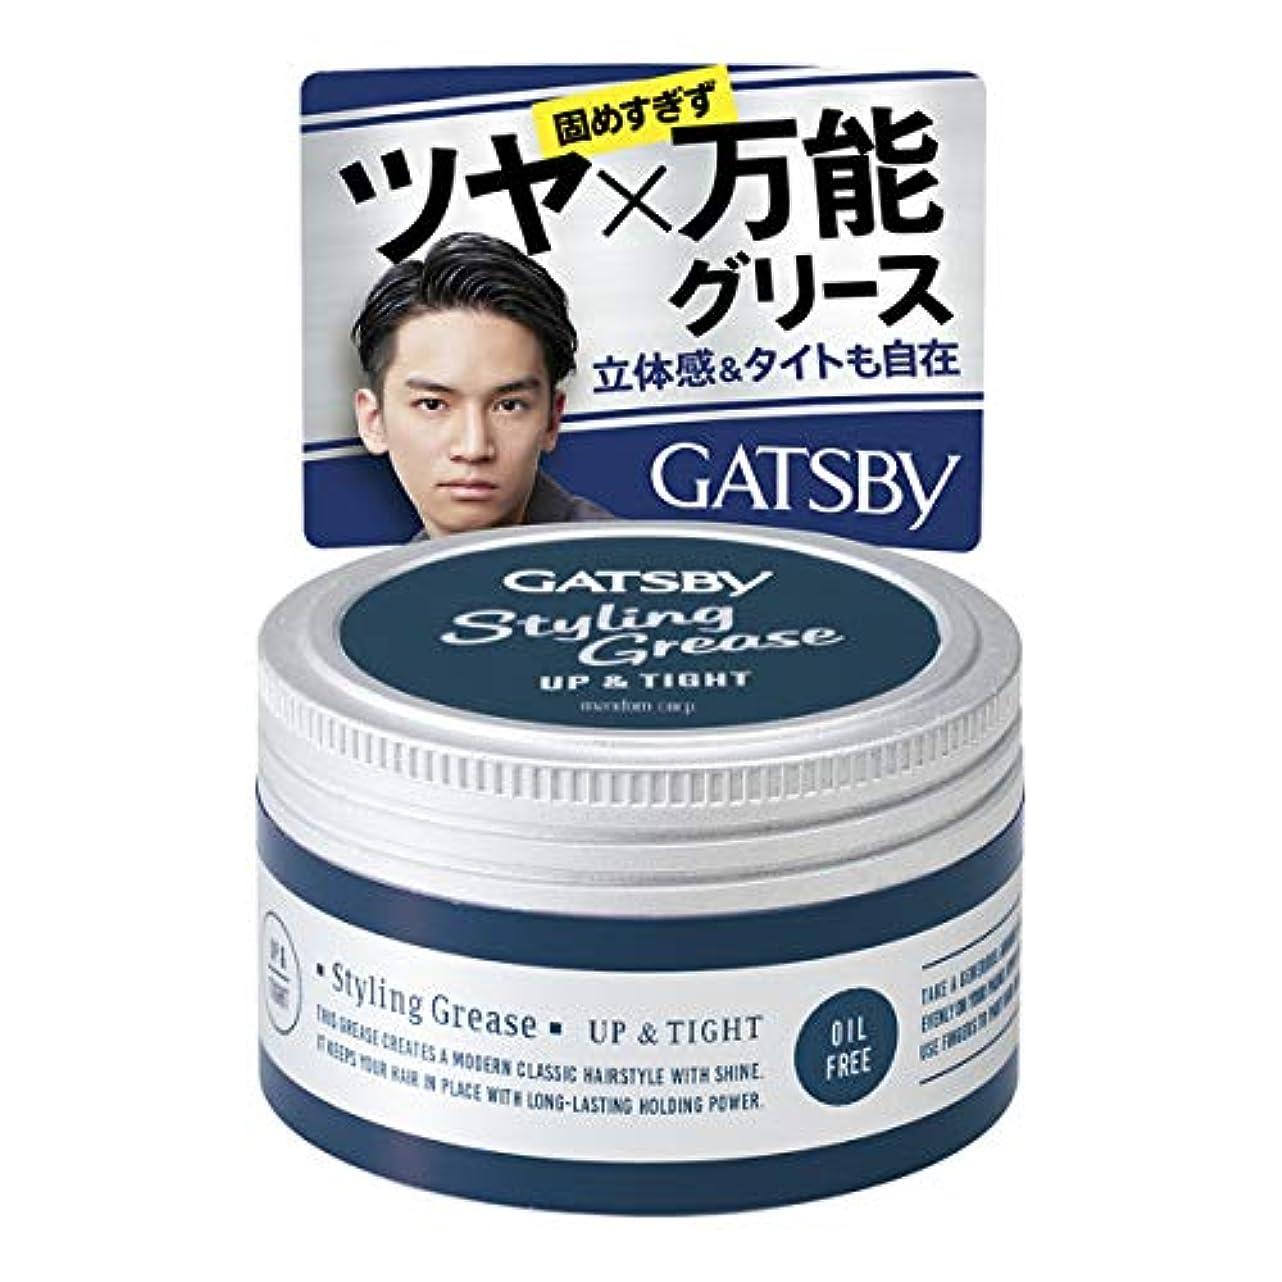 タイマー肉冗長GATSBY(ギャツビー) スタイリンググリース アッパータイト 100g